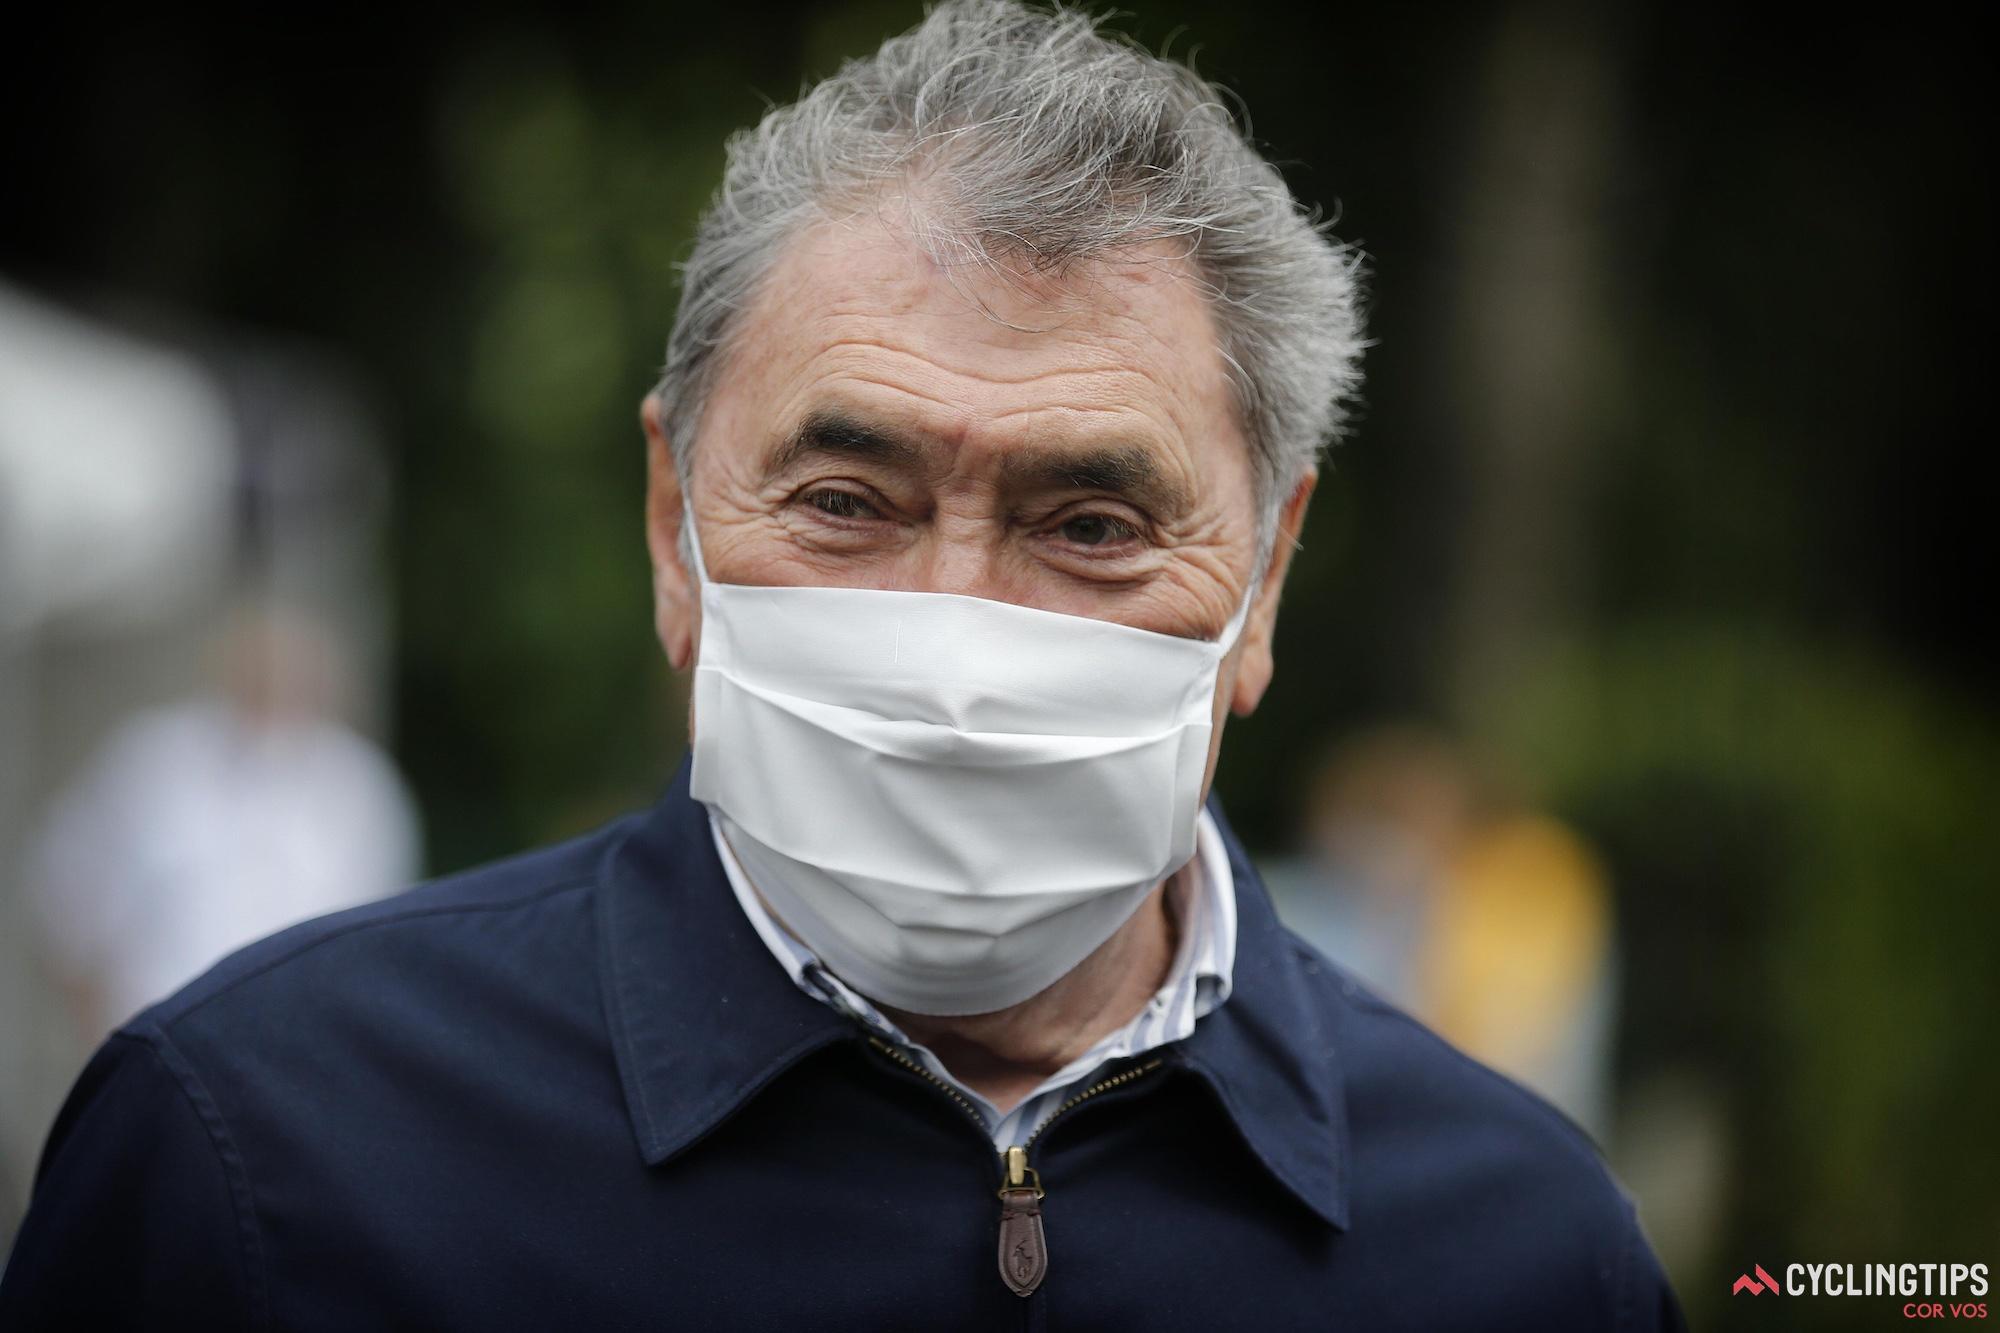 """Merckx: Jumbo-Visma ha guidato """"stupidamente"""" al Tour"""